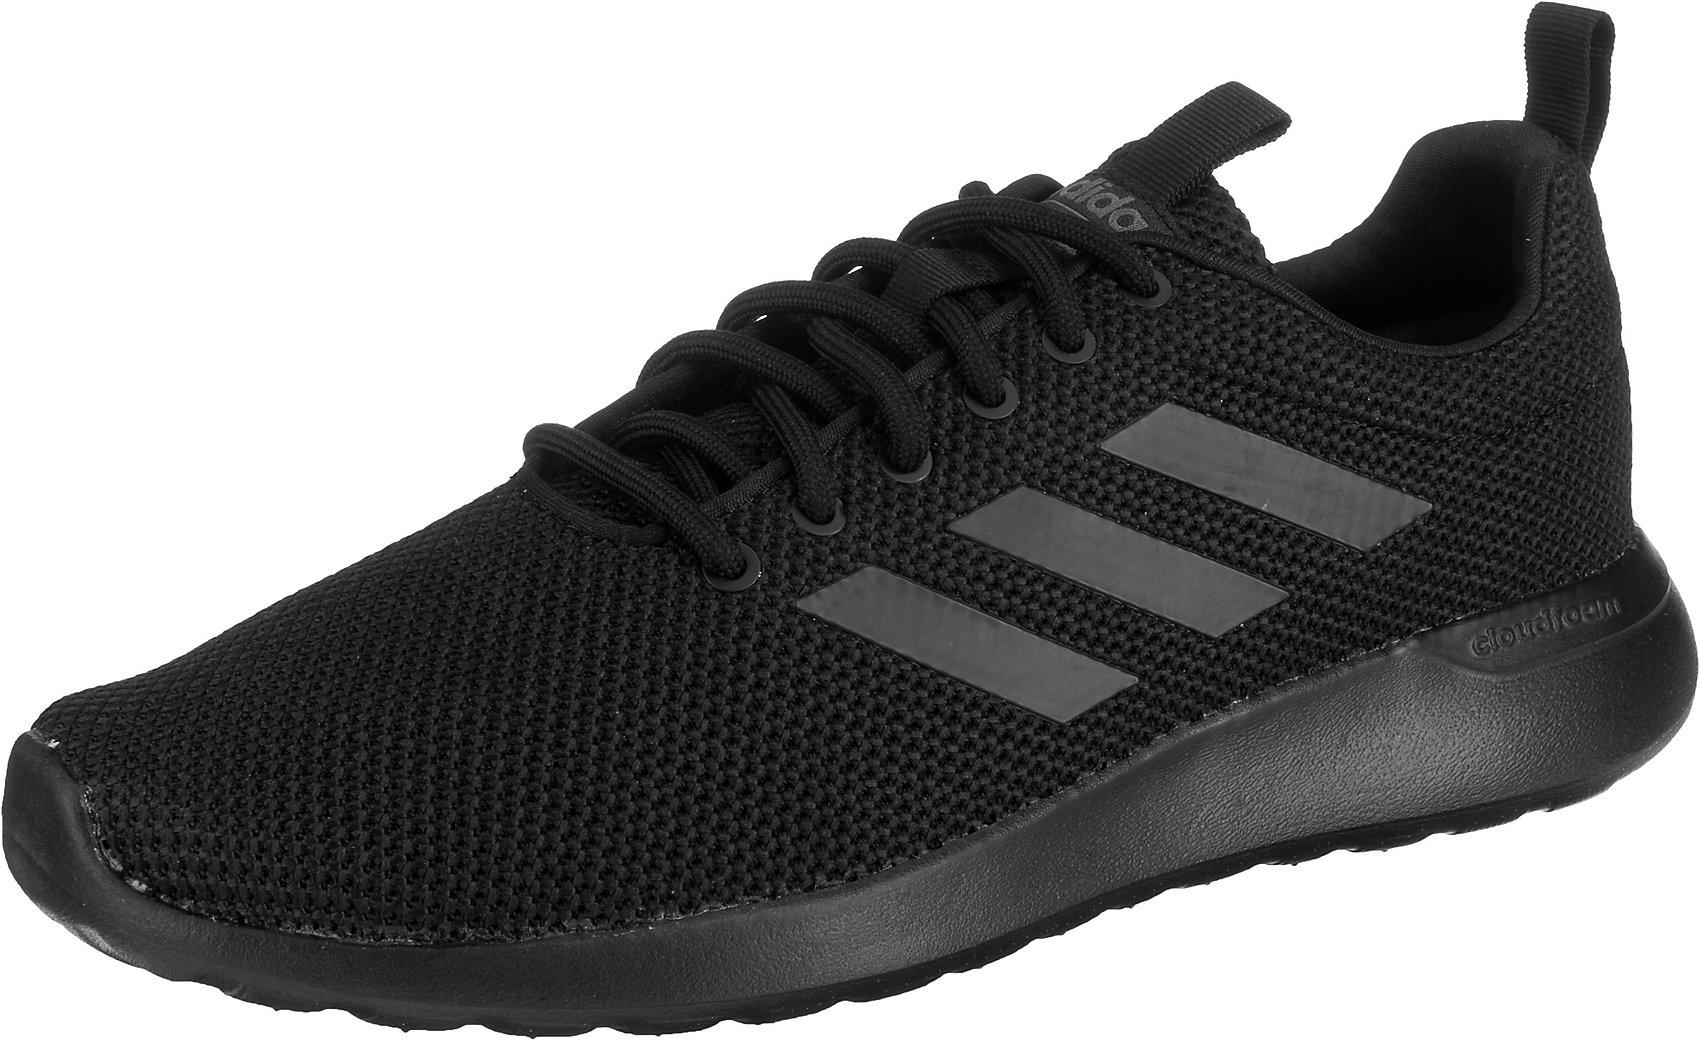 ADIDAS SPORT INSPIRED Lite Racer CLN Sneaker Herren NEU Schuhe Turnschuhe